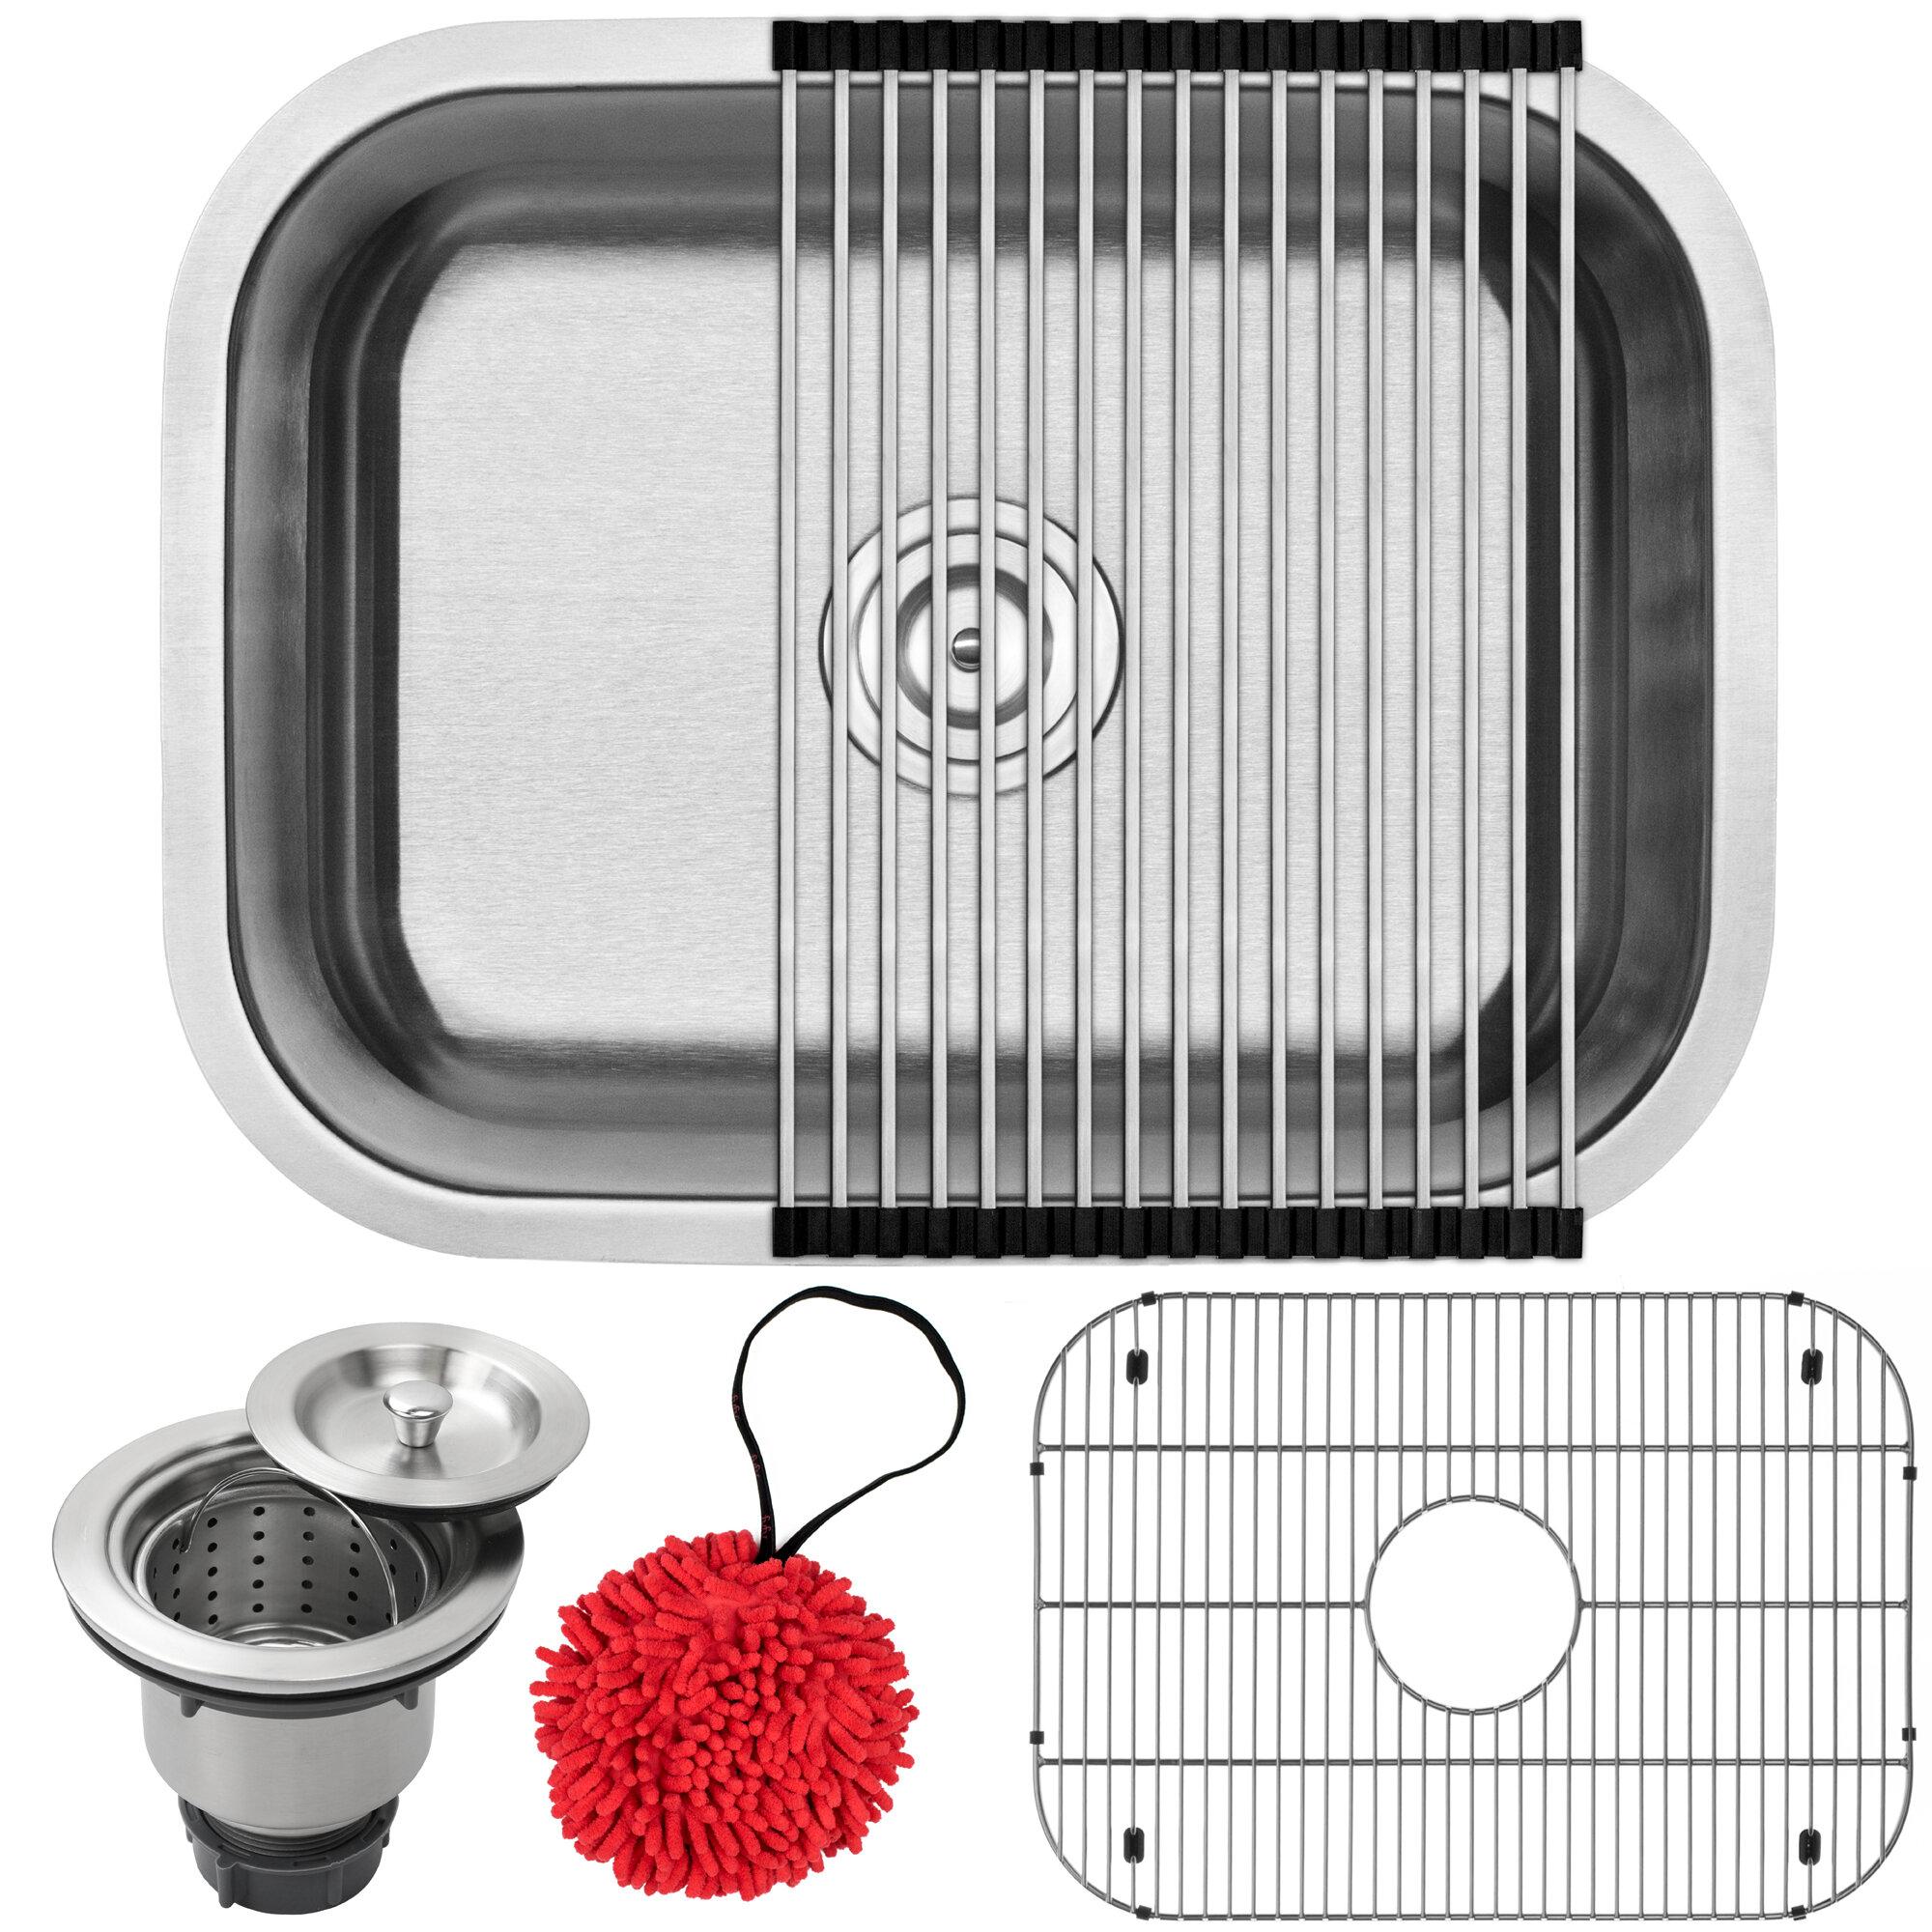 Phoenix Foster Series Stainless Steel 23 L X 18 W Undermount Kitchen Sink With Accessories Wayfair